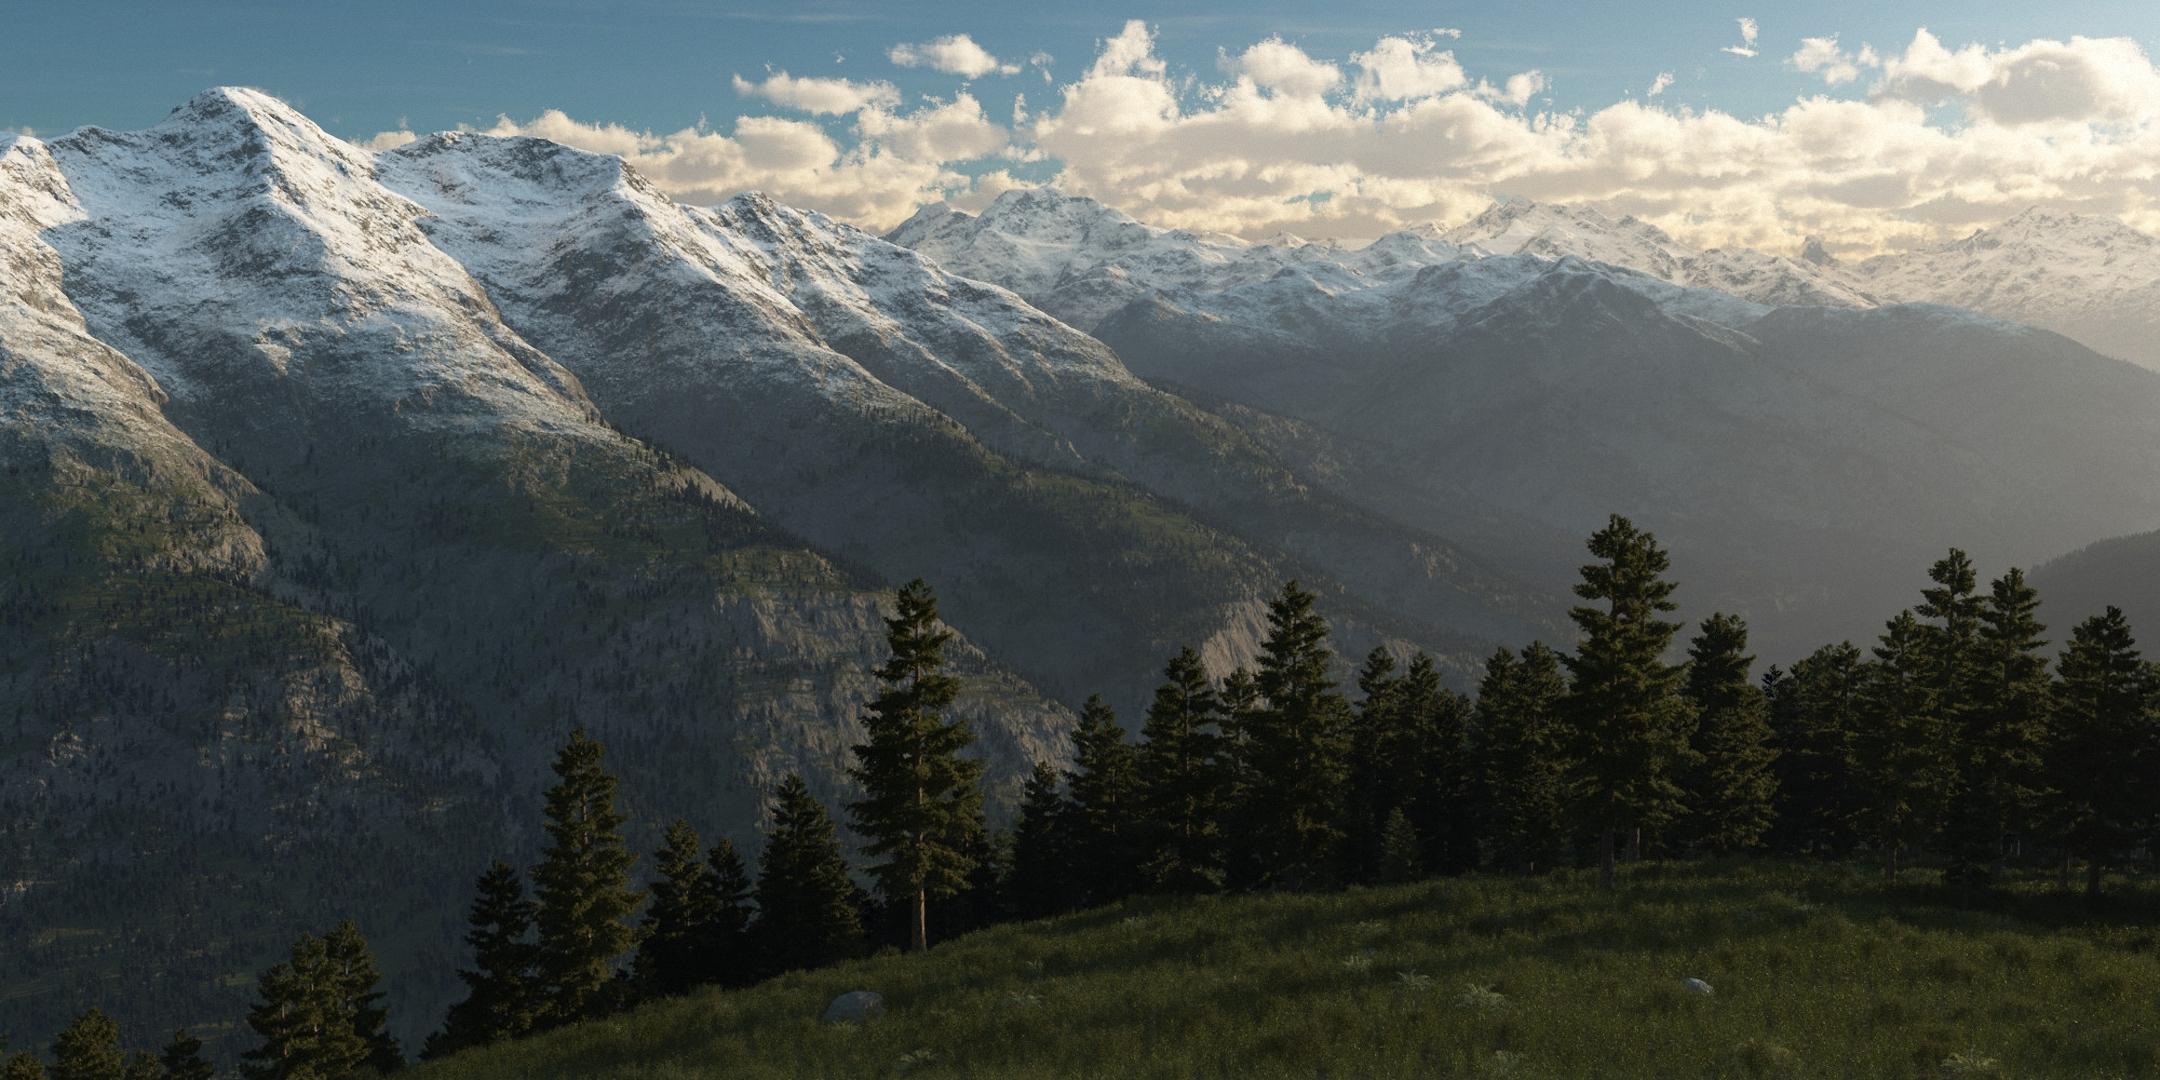 mountain ridge landscap eye - HD1600×1000